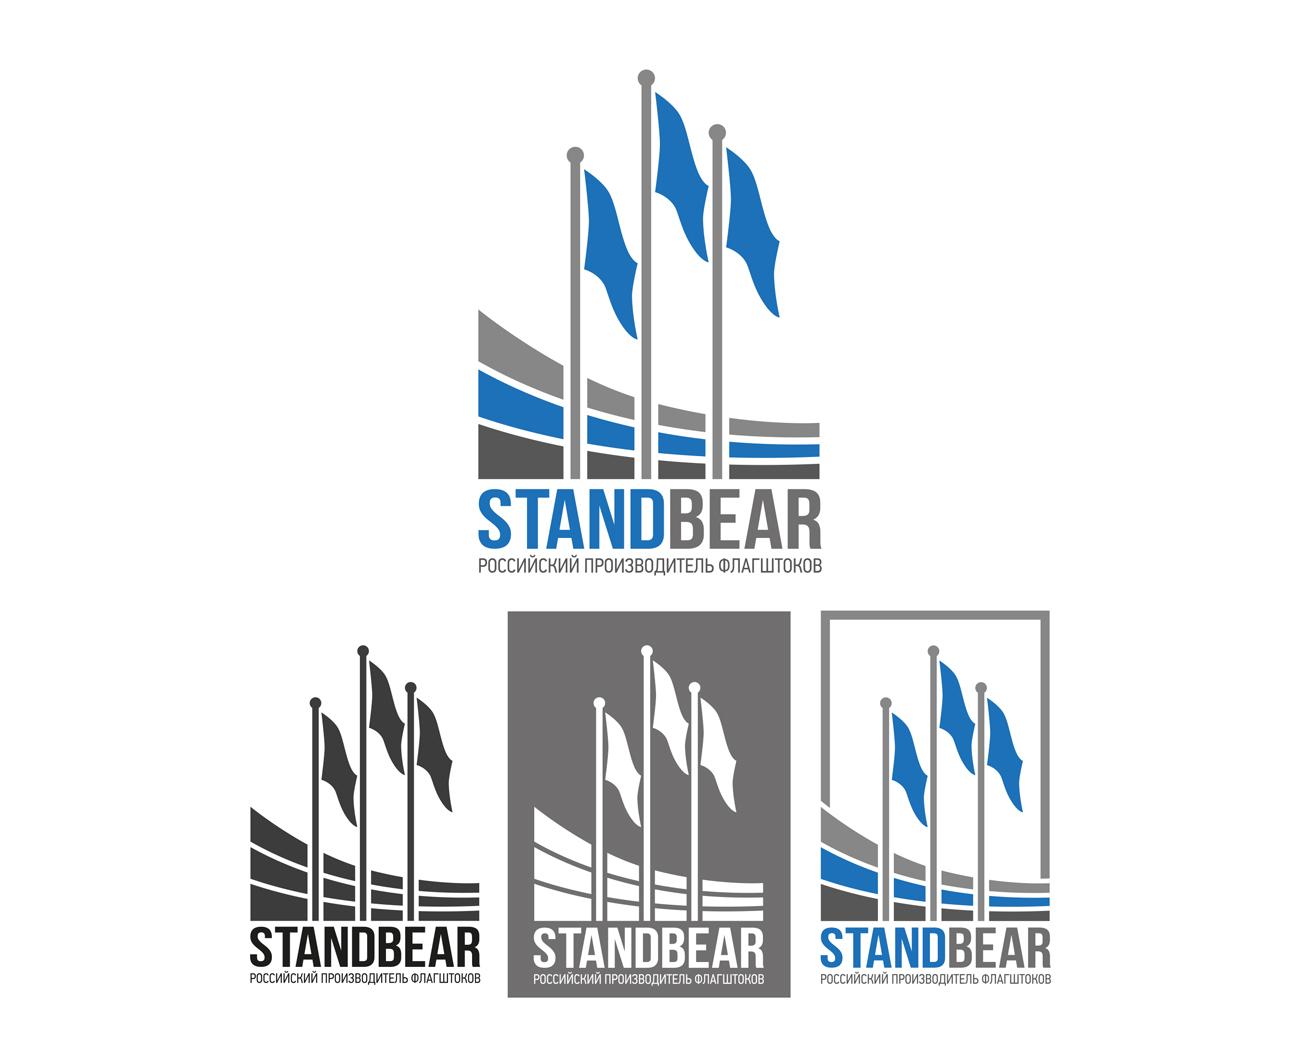 Разработка названия бренда + логотип фото f_051592ef9f64b6d7.jpg